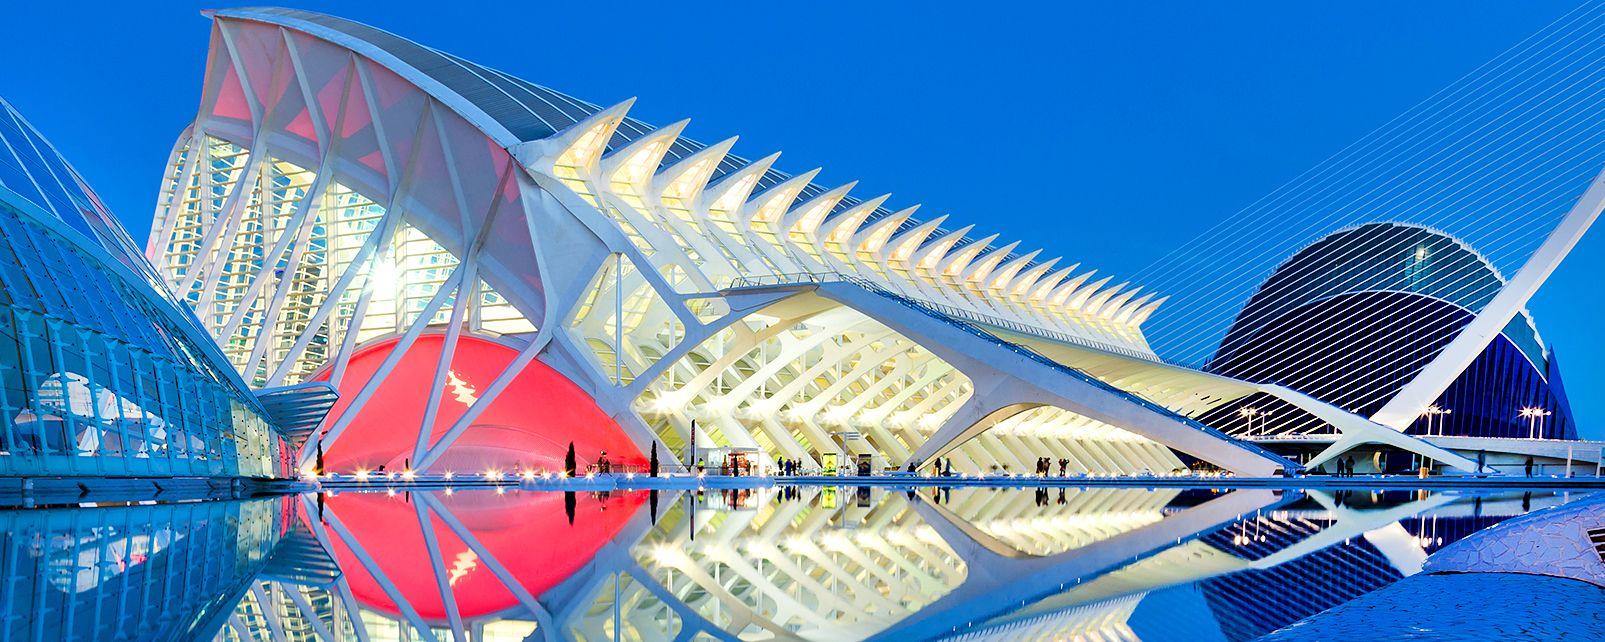 Le musée des Sciences Principe Felipe, Les arts et la culture, Communauté de Valence